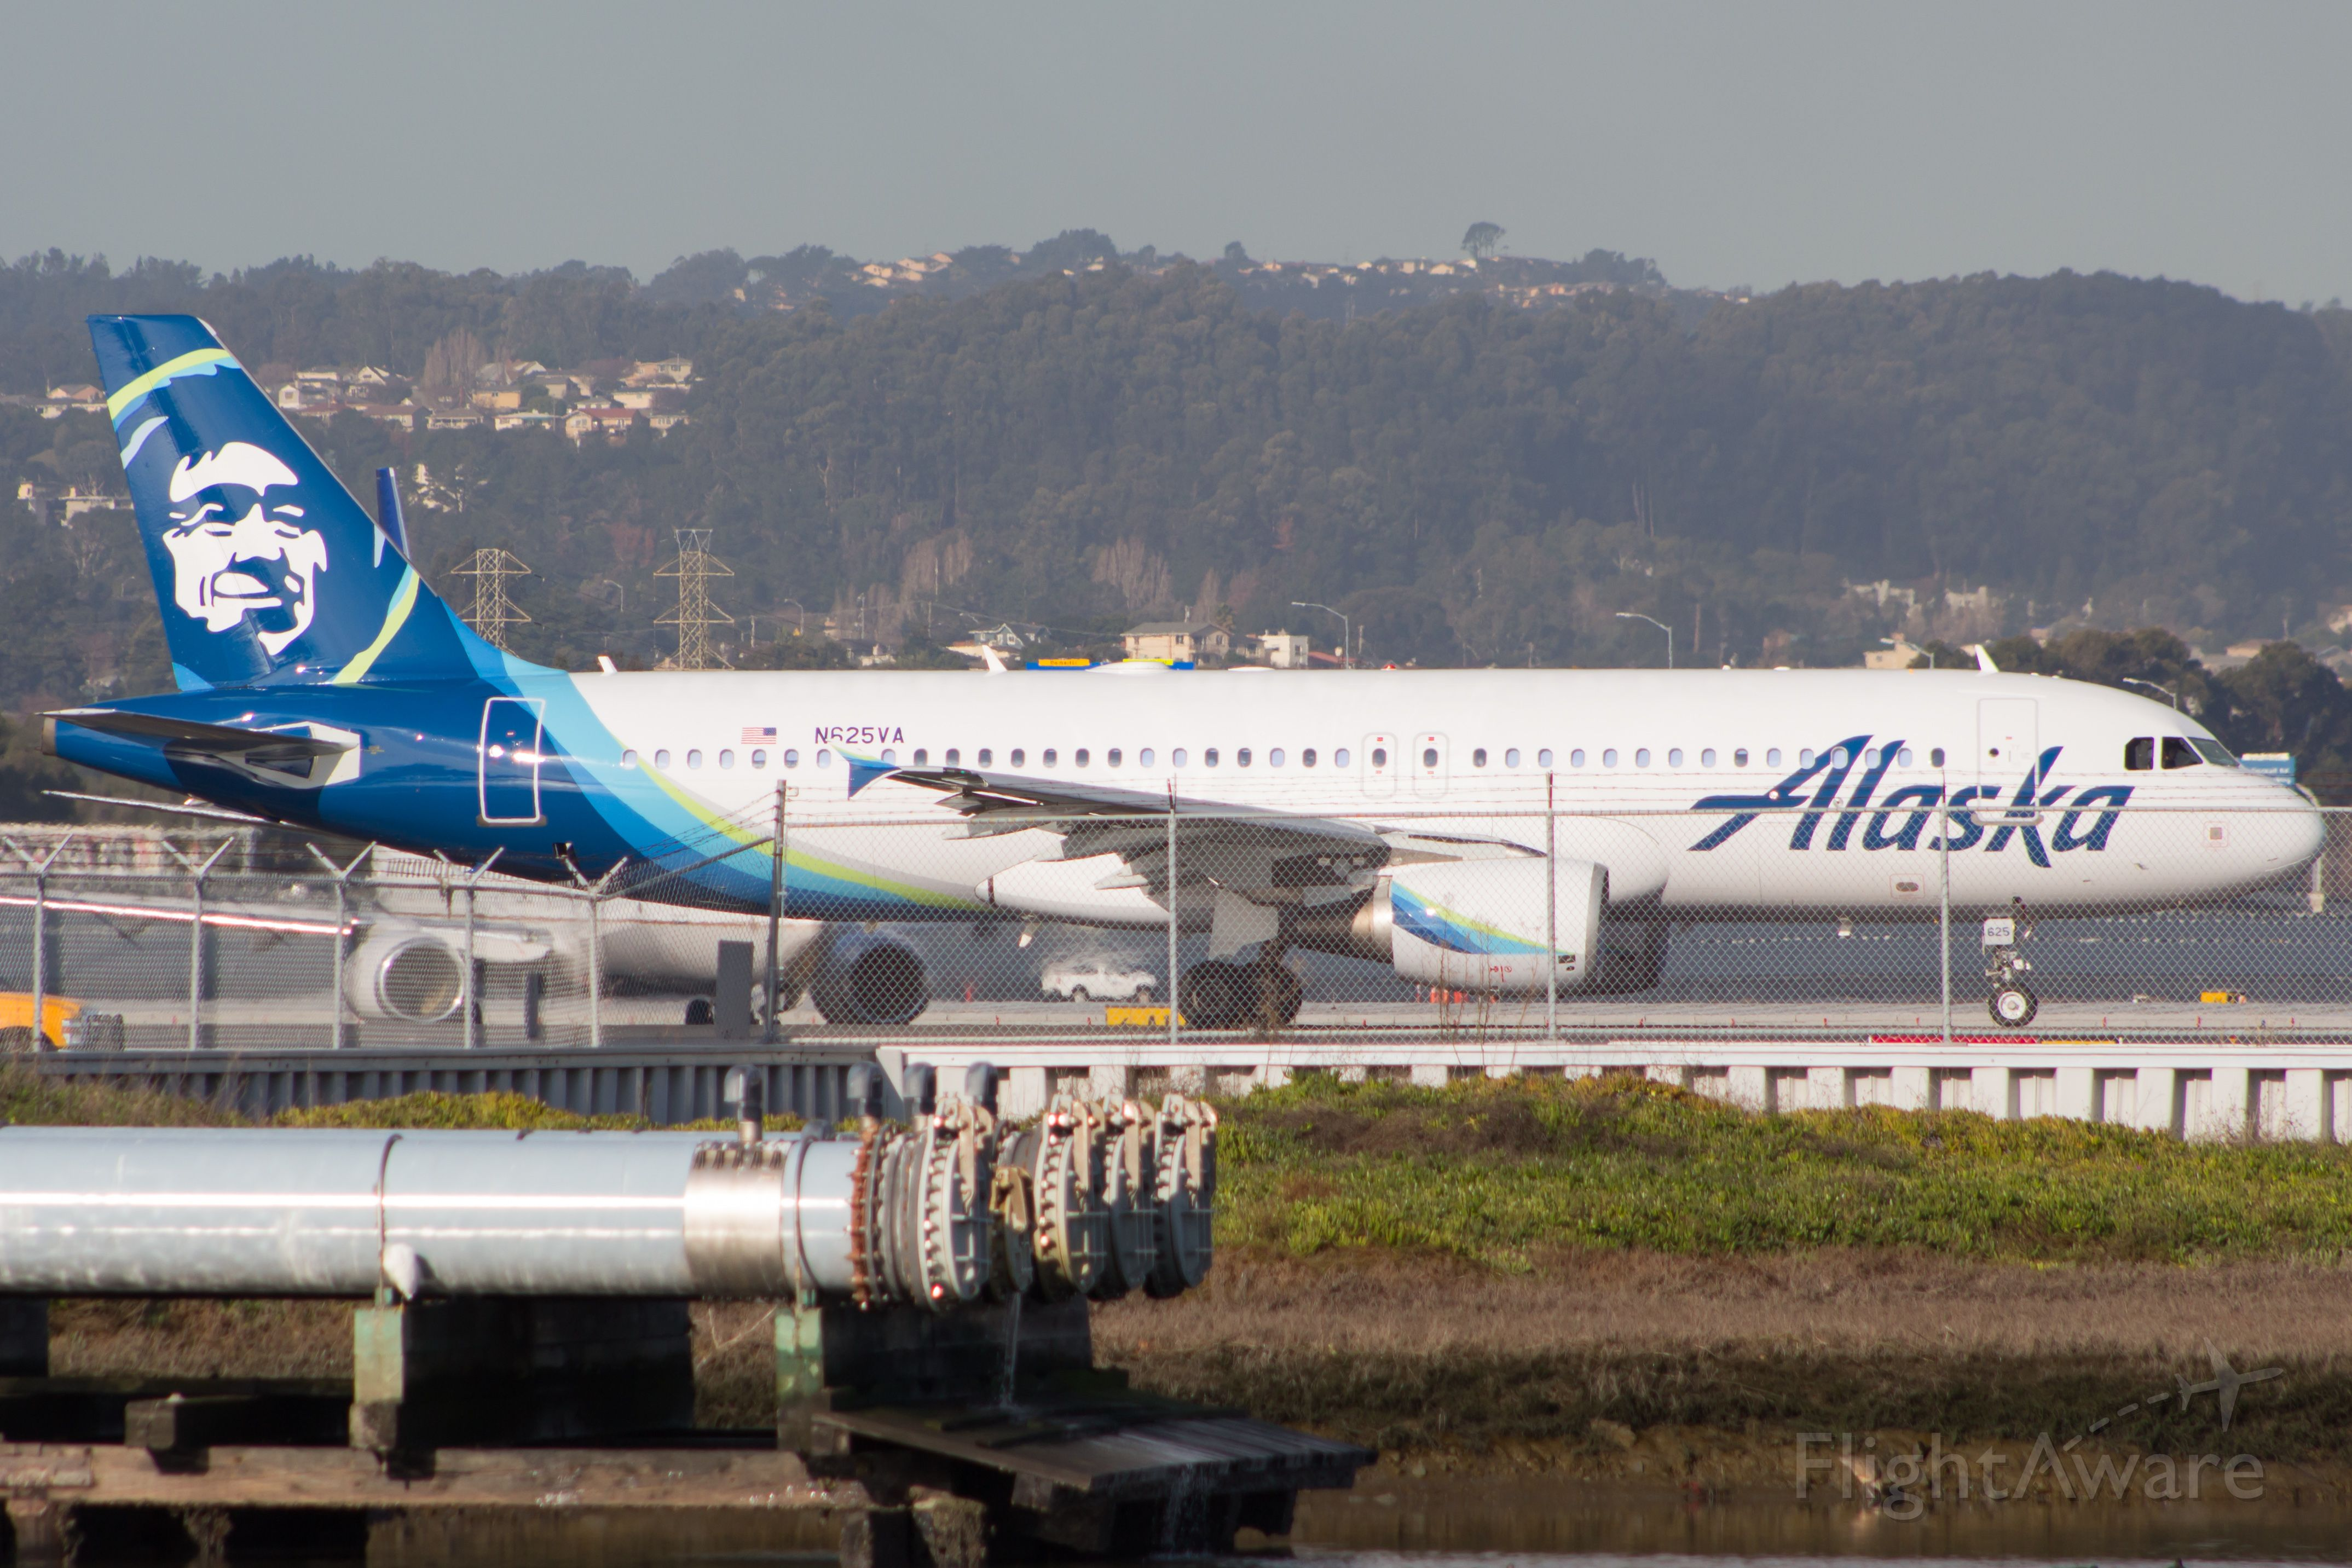 Photo Of Alaska Airlines A320 N625va Flightaware